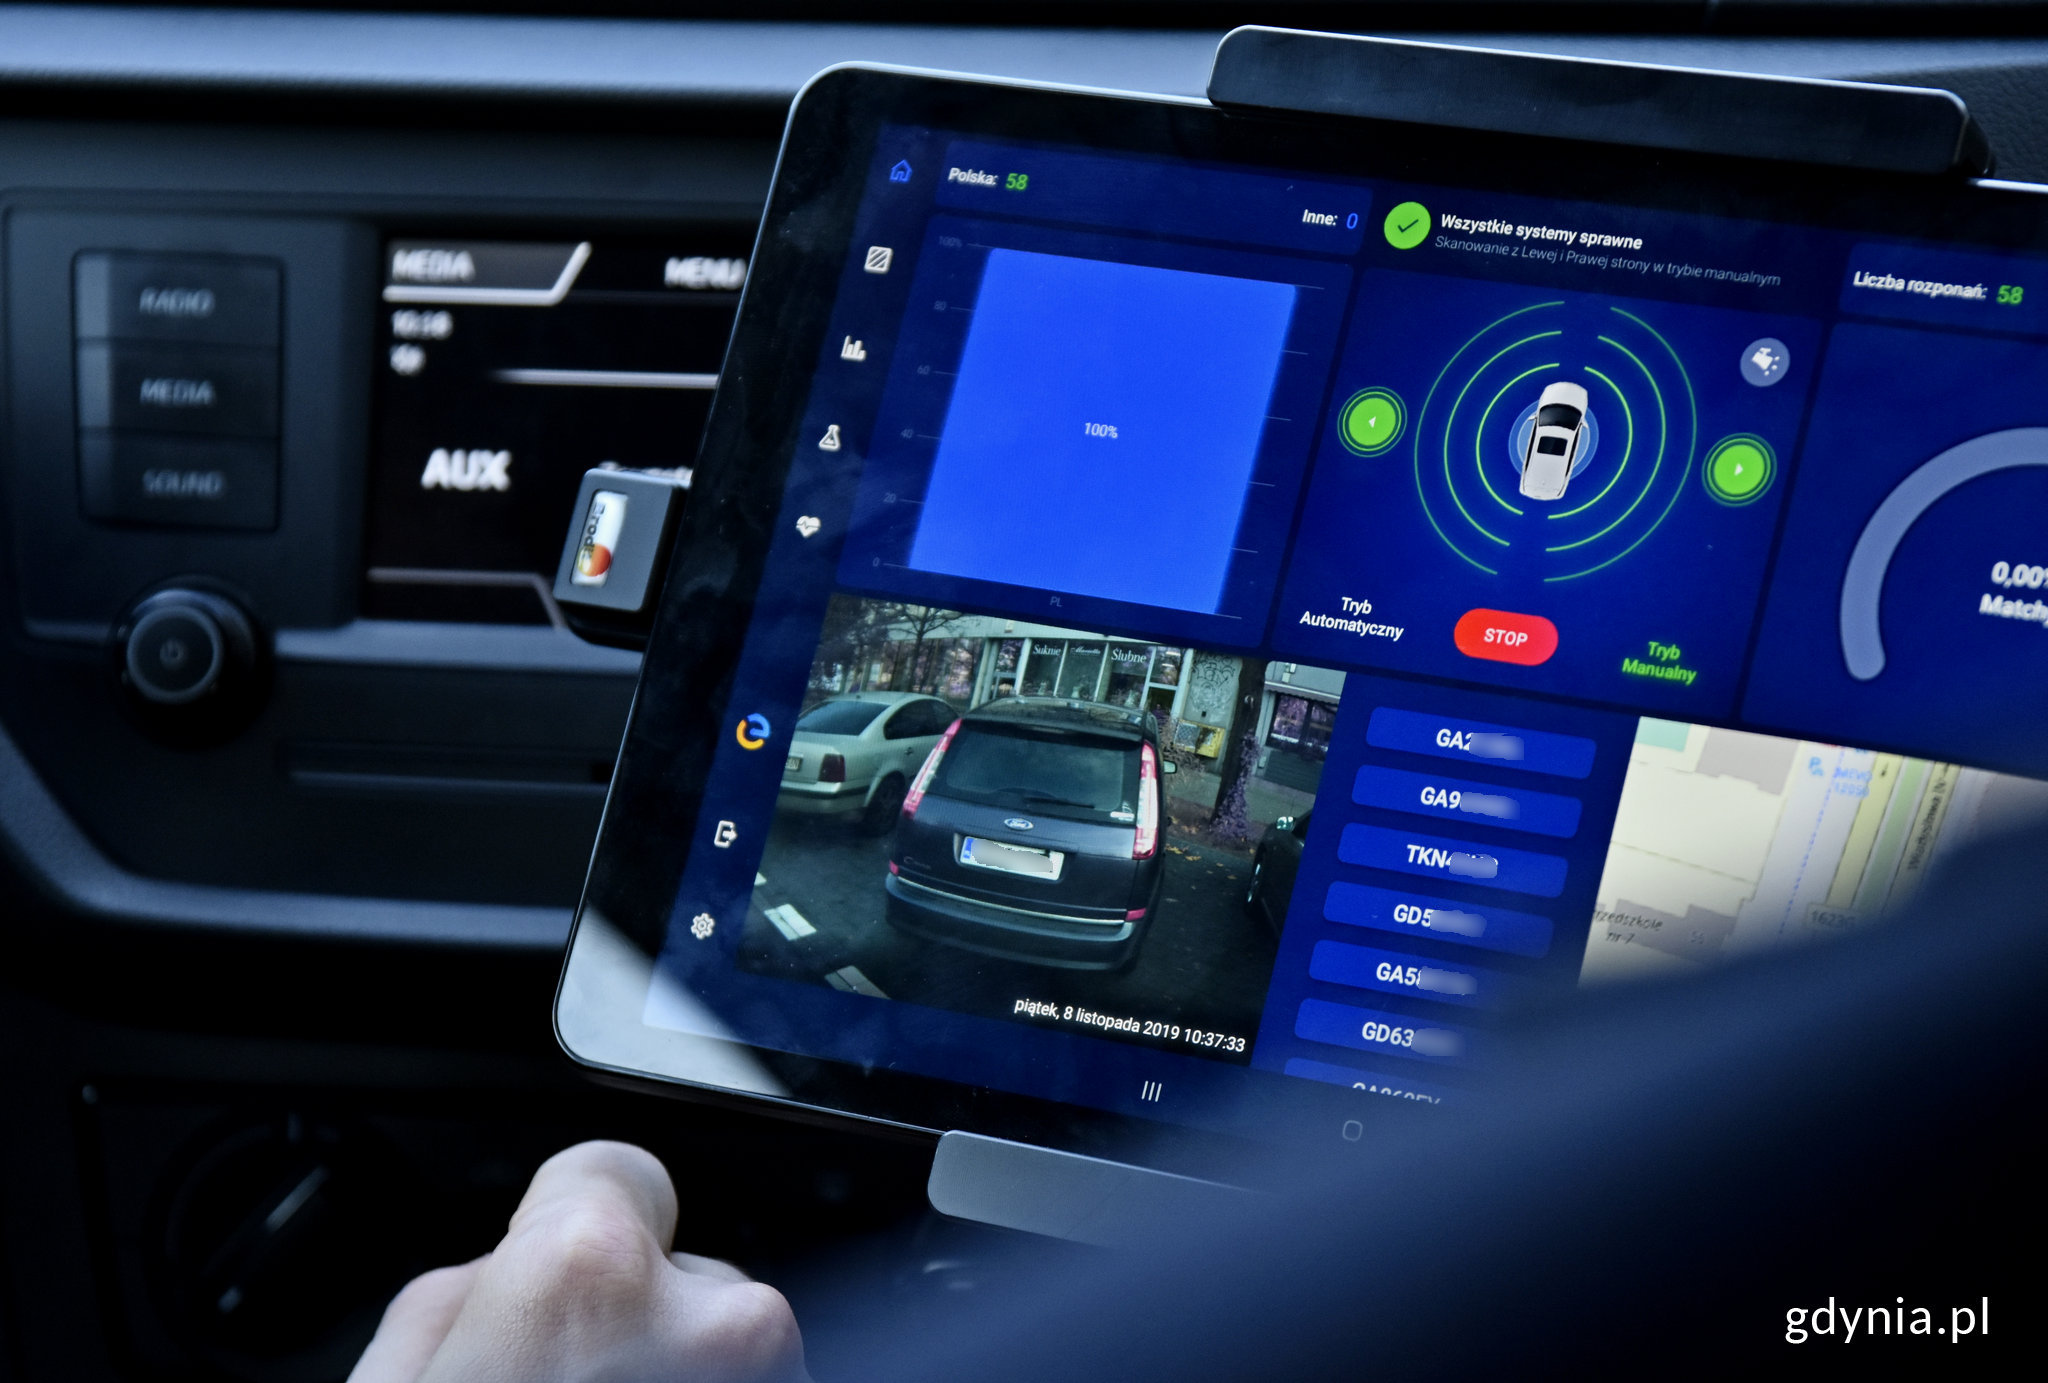 Gdynia sprawdza e-kontrole parkowania